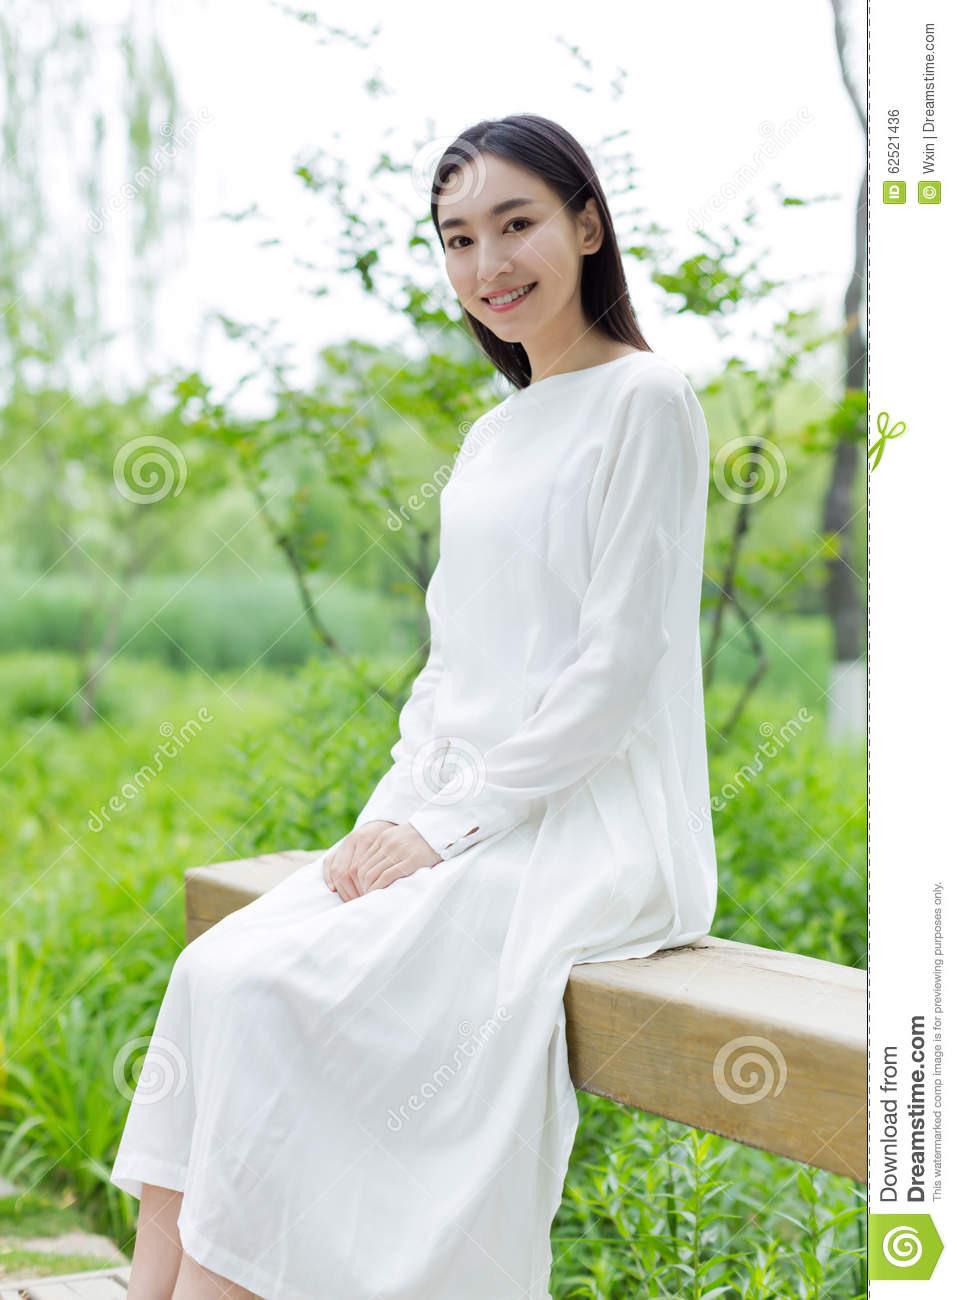 Chinesisches Mädchen, Das Ein Weißes Kleid Trägt Stockfoto